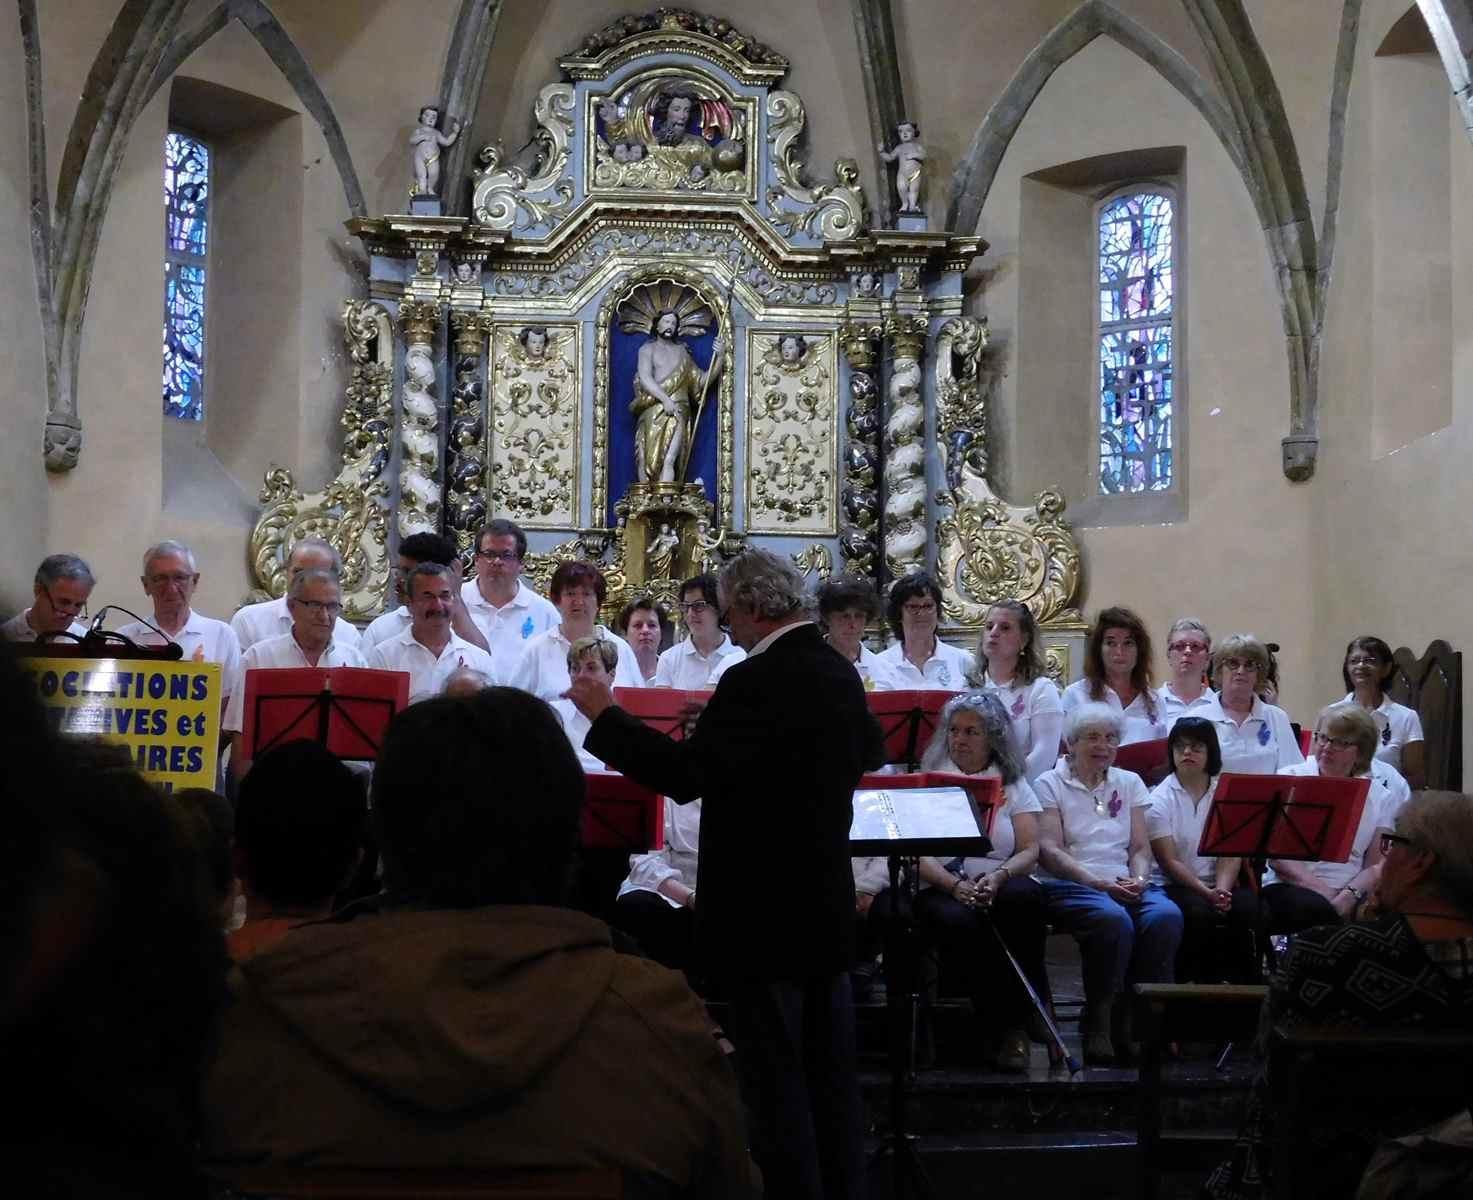 Concert le 25 Mai 2018 à L'église St Jean-Baptiste au profit des Associations Caritatives de Lannemezan